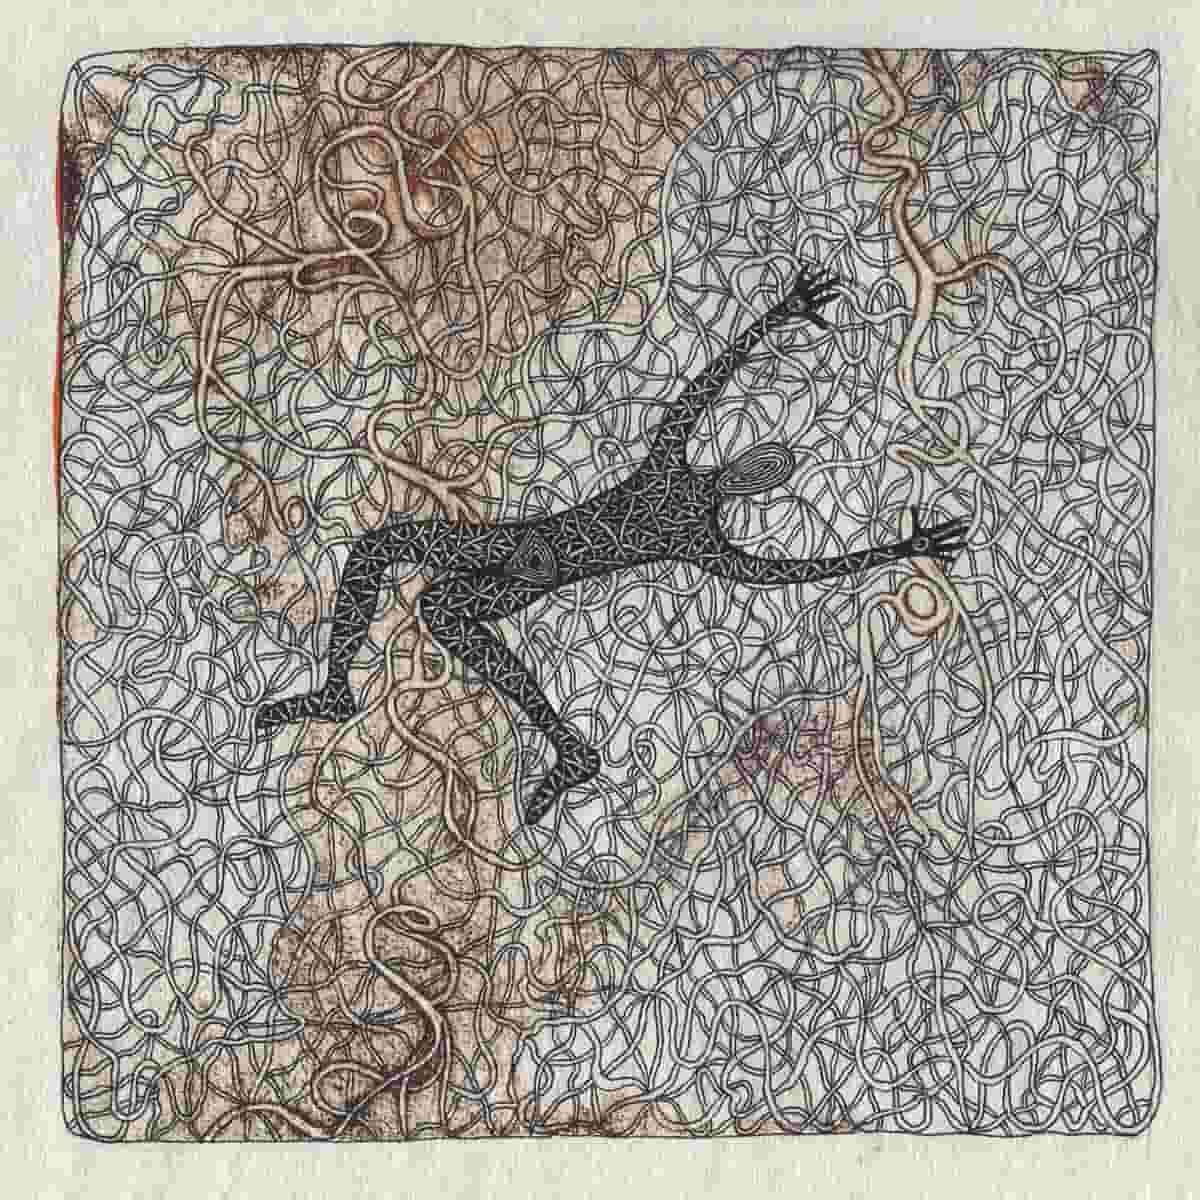 LAUNAEA nos despierta del sueño profundo con Sundering A Delusory Dream EP